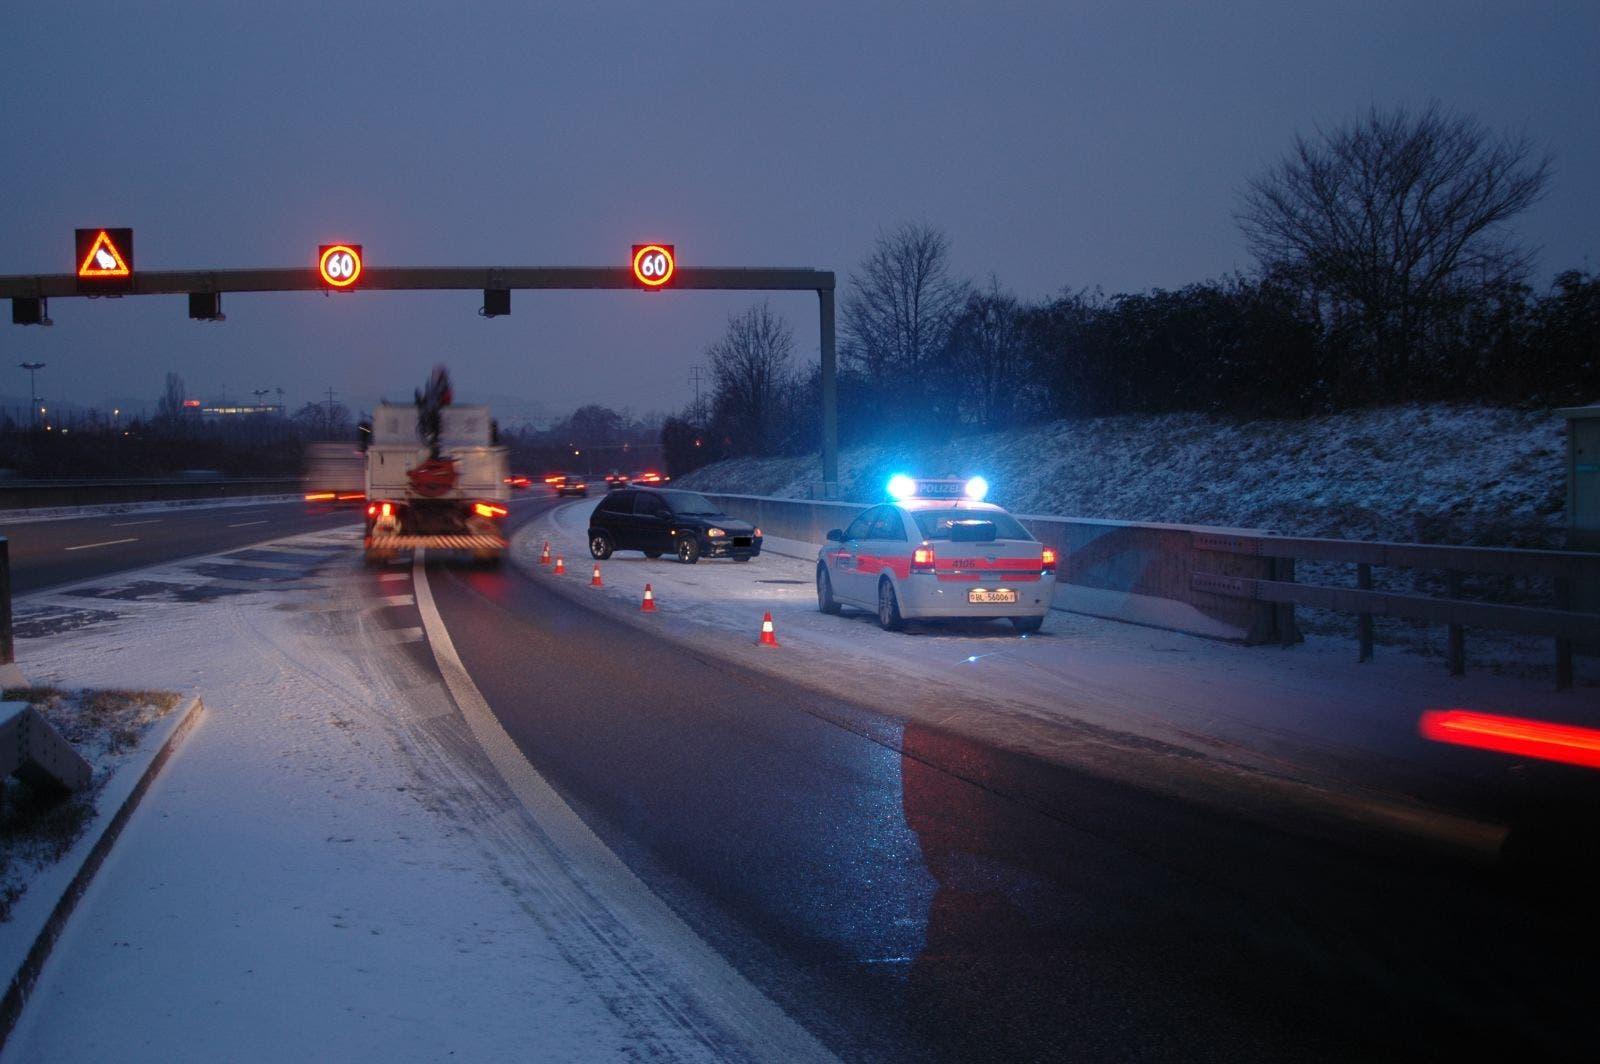 Die Polizei Basel-Landschaft musste am Dienstag zwischen 6 und 9 Uhr zu 20 Verkehrsunfällen ausrücken.